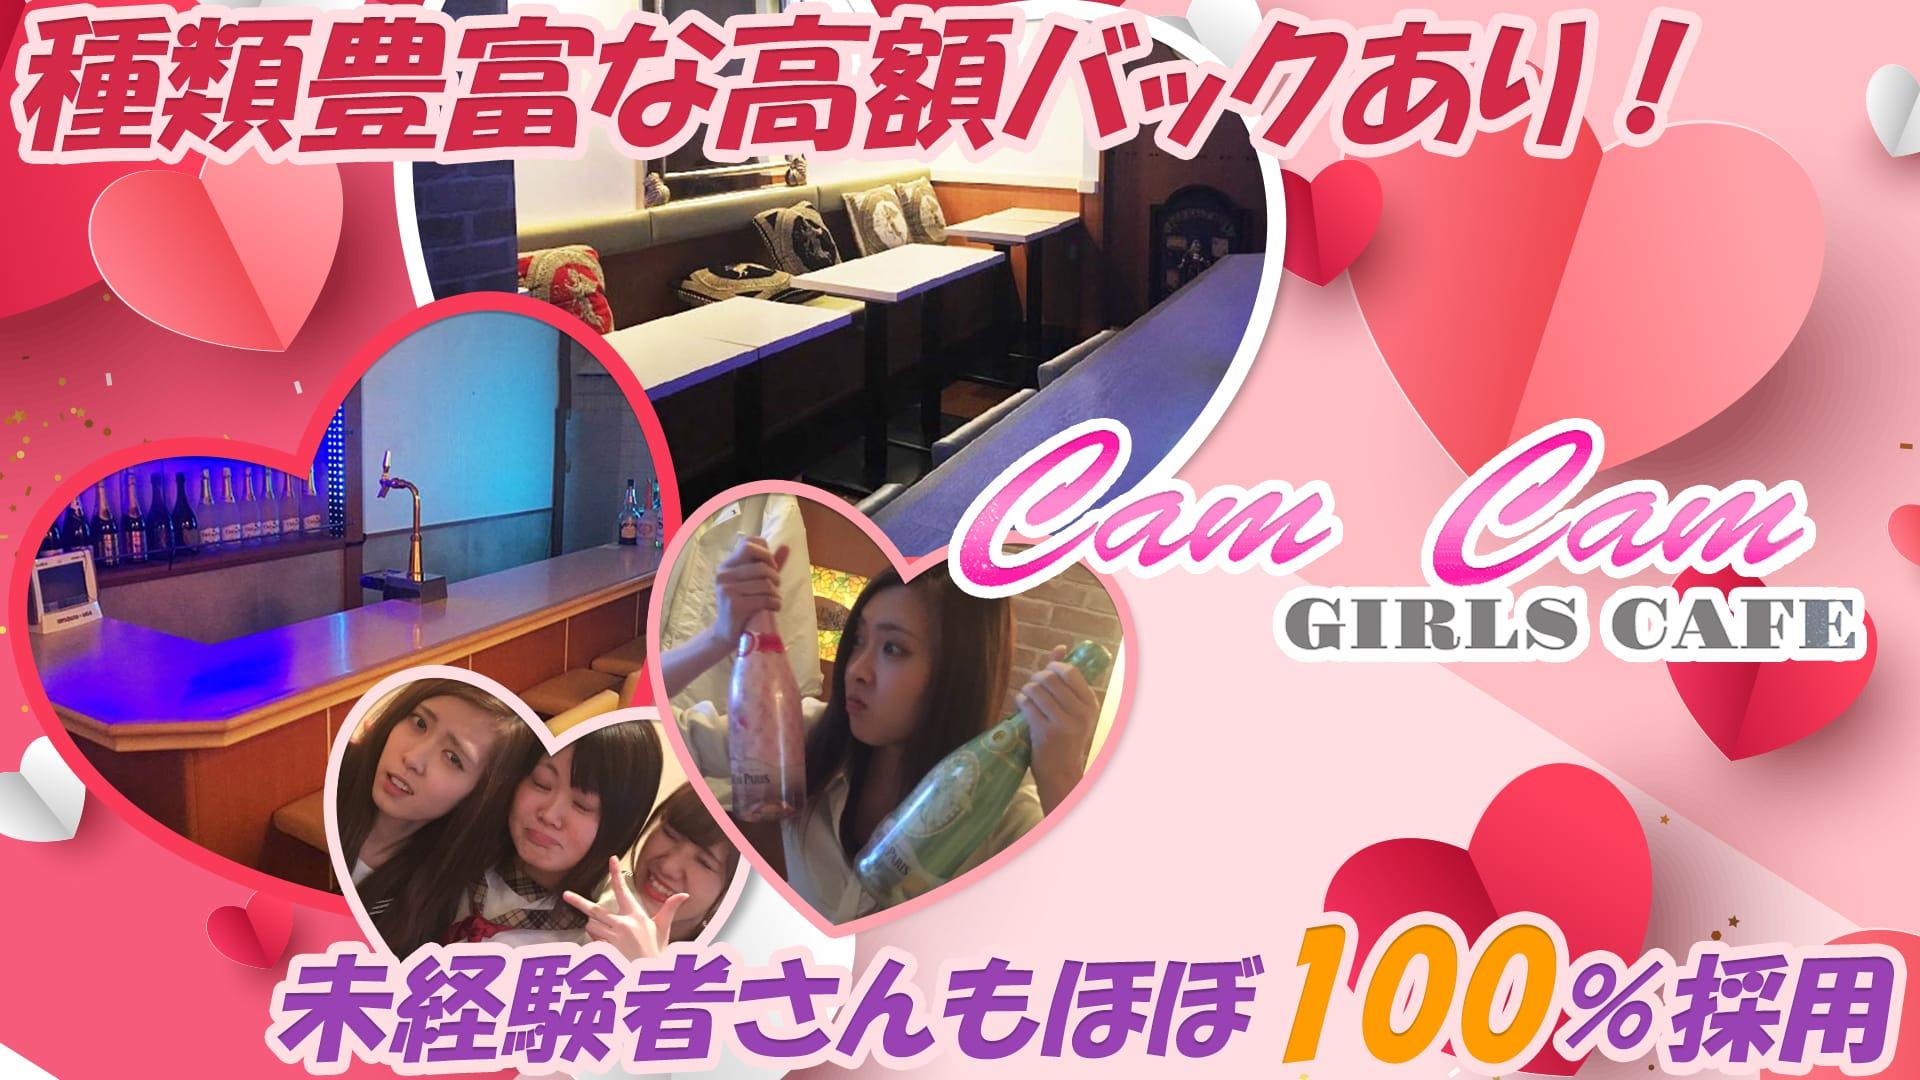 【亀有】Cafe&Bar CamCam Girls<キャンキャンガールズ> 北千住 ガールズバー TOP画像